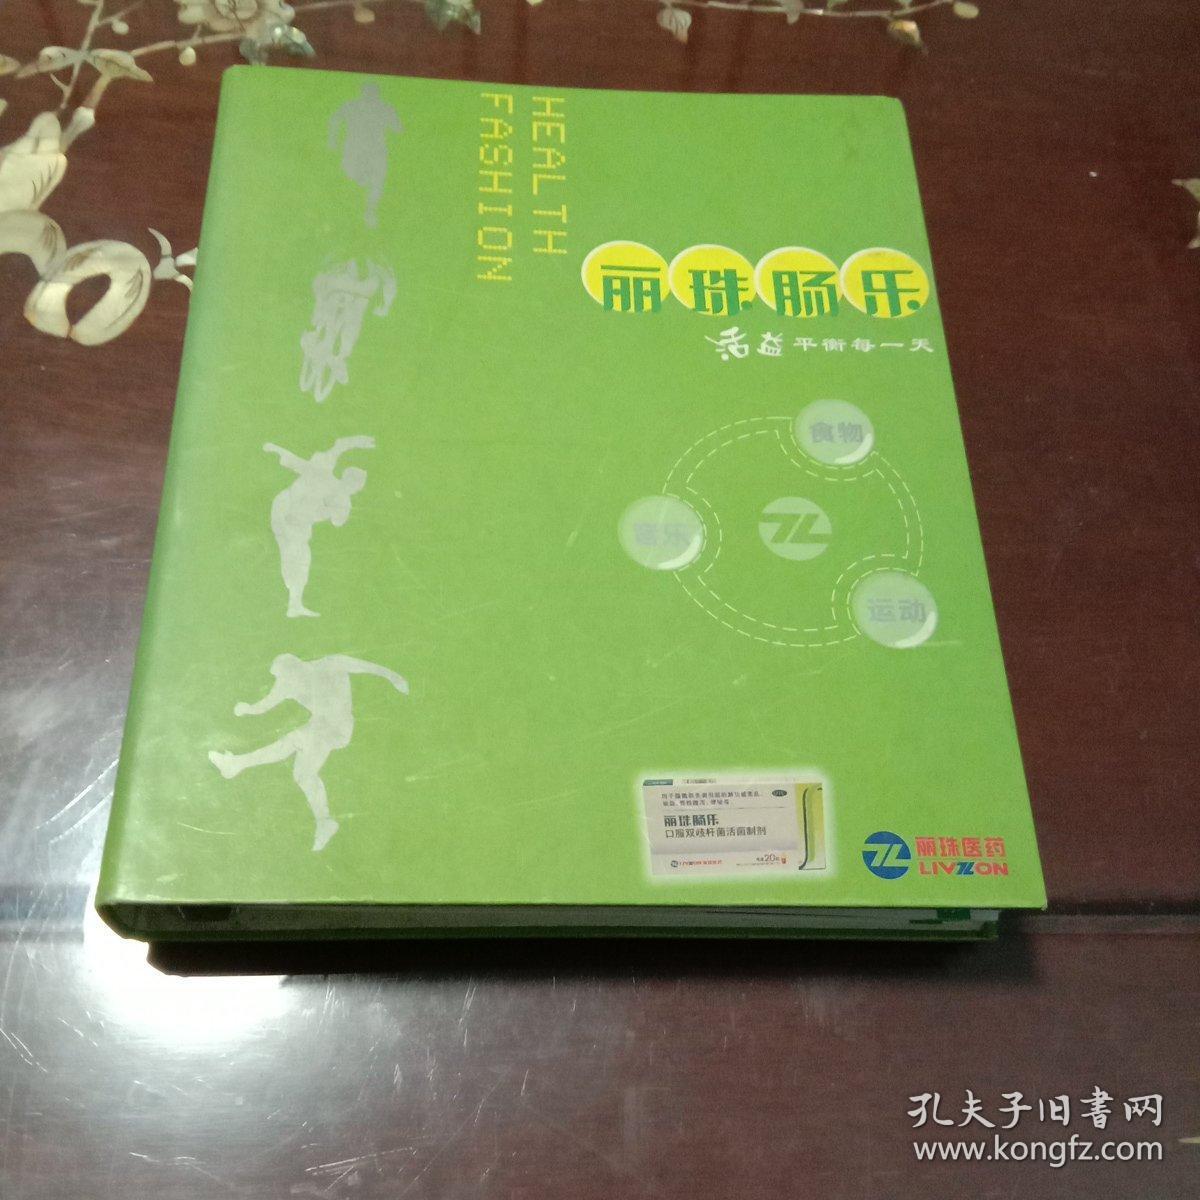 丽珠肠乐:活益平衡每一天(健康时尚  2004年活页笔记本式日历)